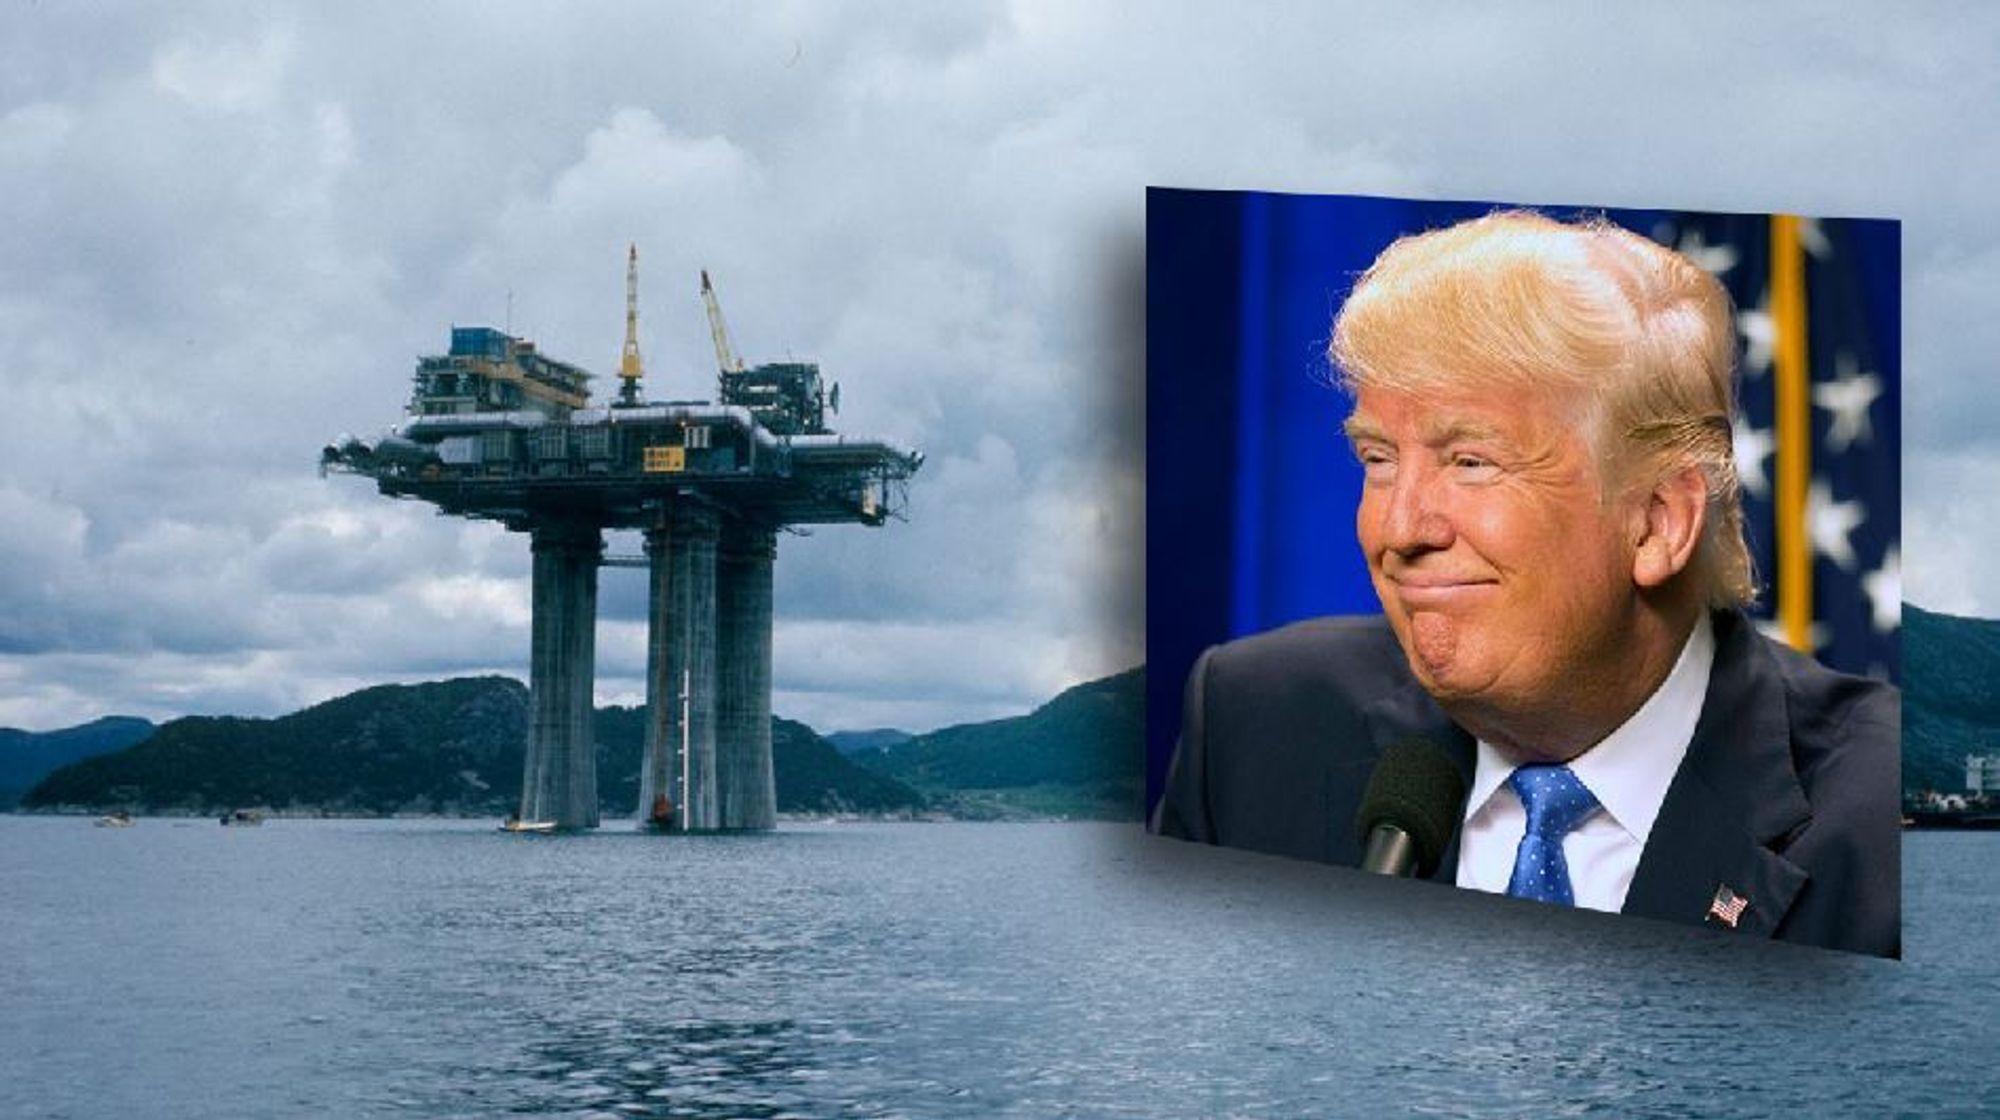 Historisk: Ringrever i norsk oljebransje vil gjenreise oljehovedstaden. Her er ståldekket til oljeboringsplattformen Condeep / Beryl A ved verftet i  Stavanger i 1975.